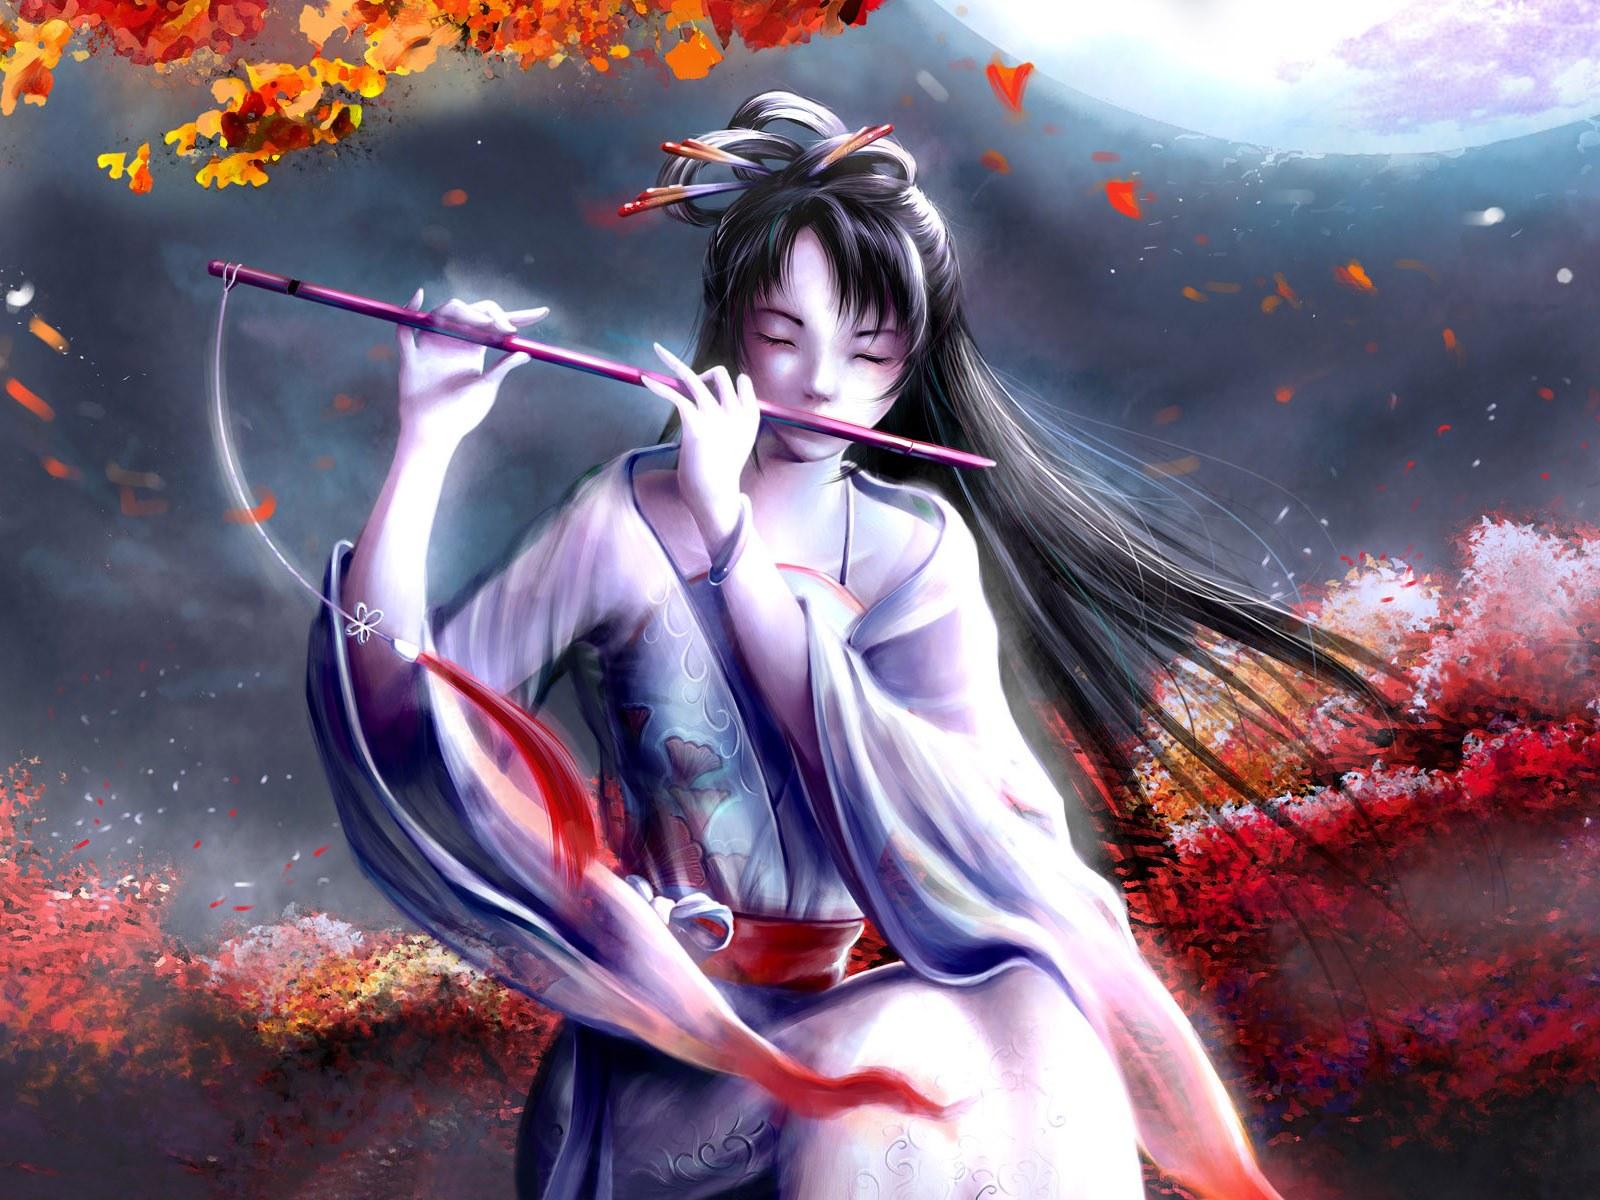 Wallpaper Anime Girl Part 2 2019 Blog Zombie 2012